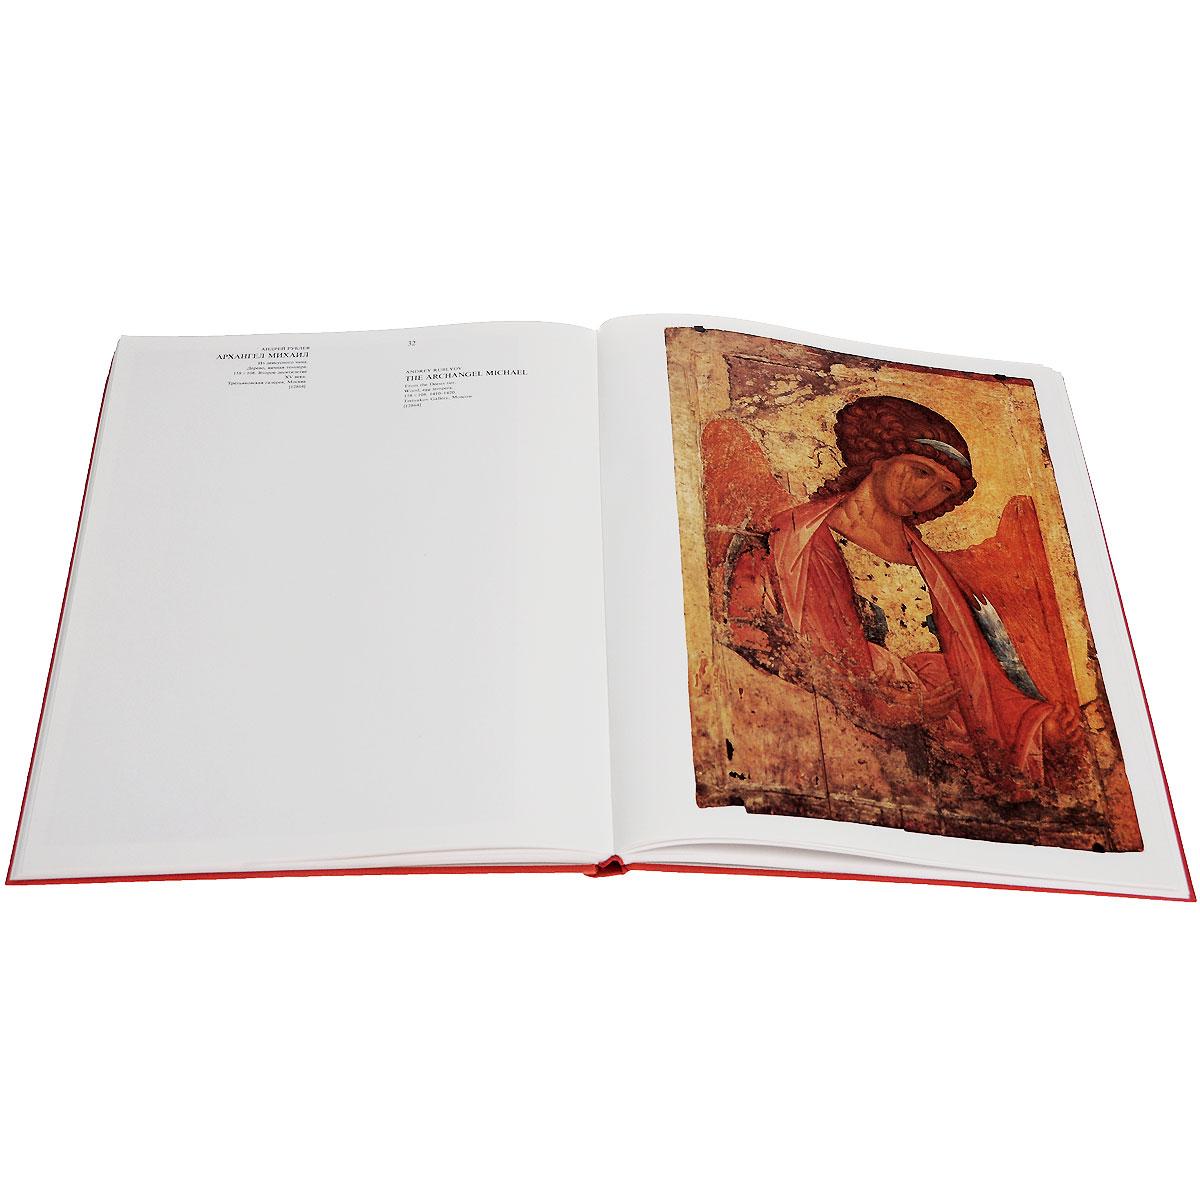 Московская школа иконописи / Moscow School of Icon-Painting